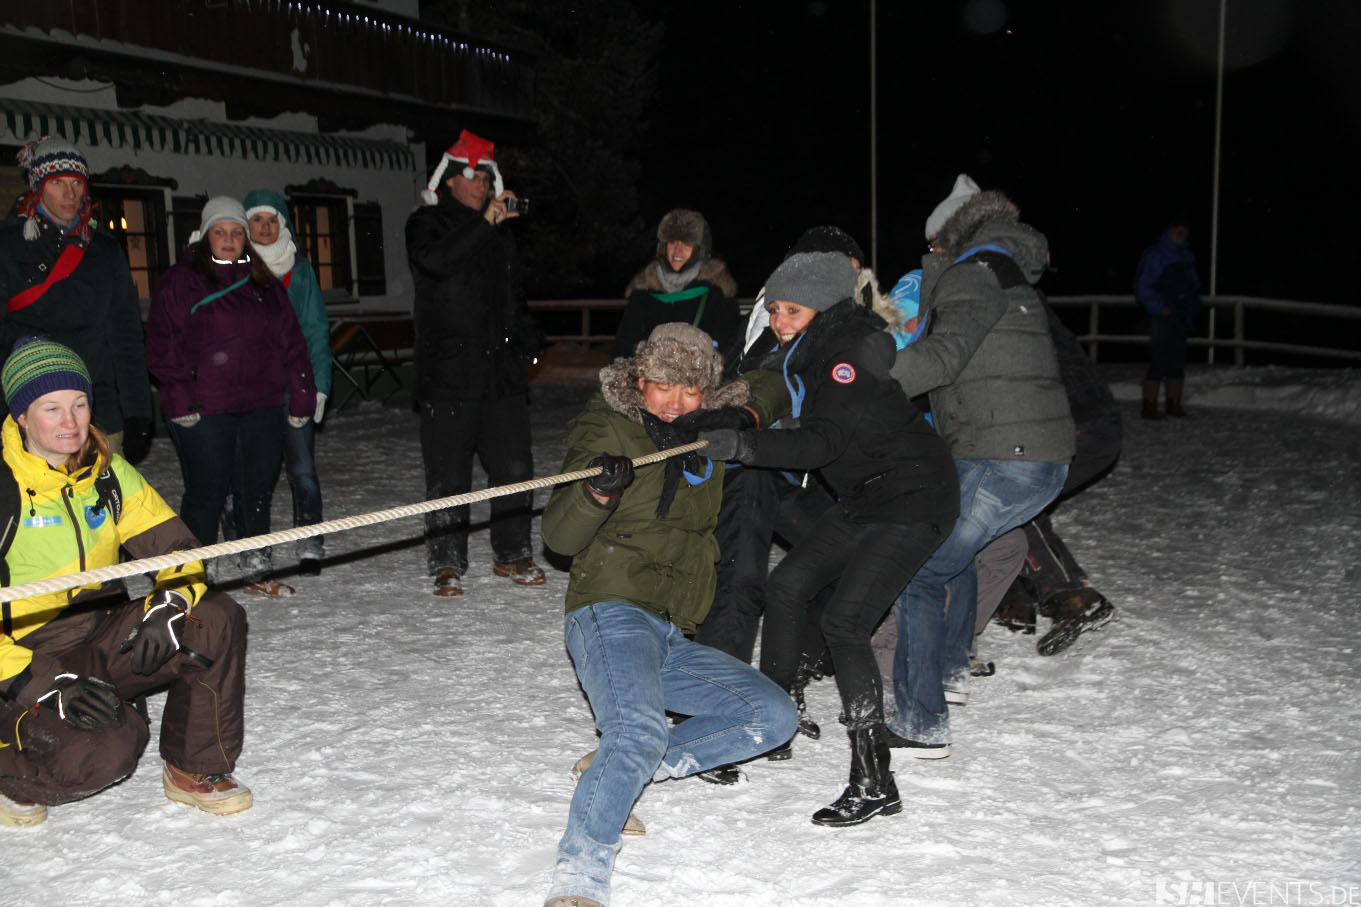 Gäste beim Seilziehen im Schnee